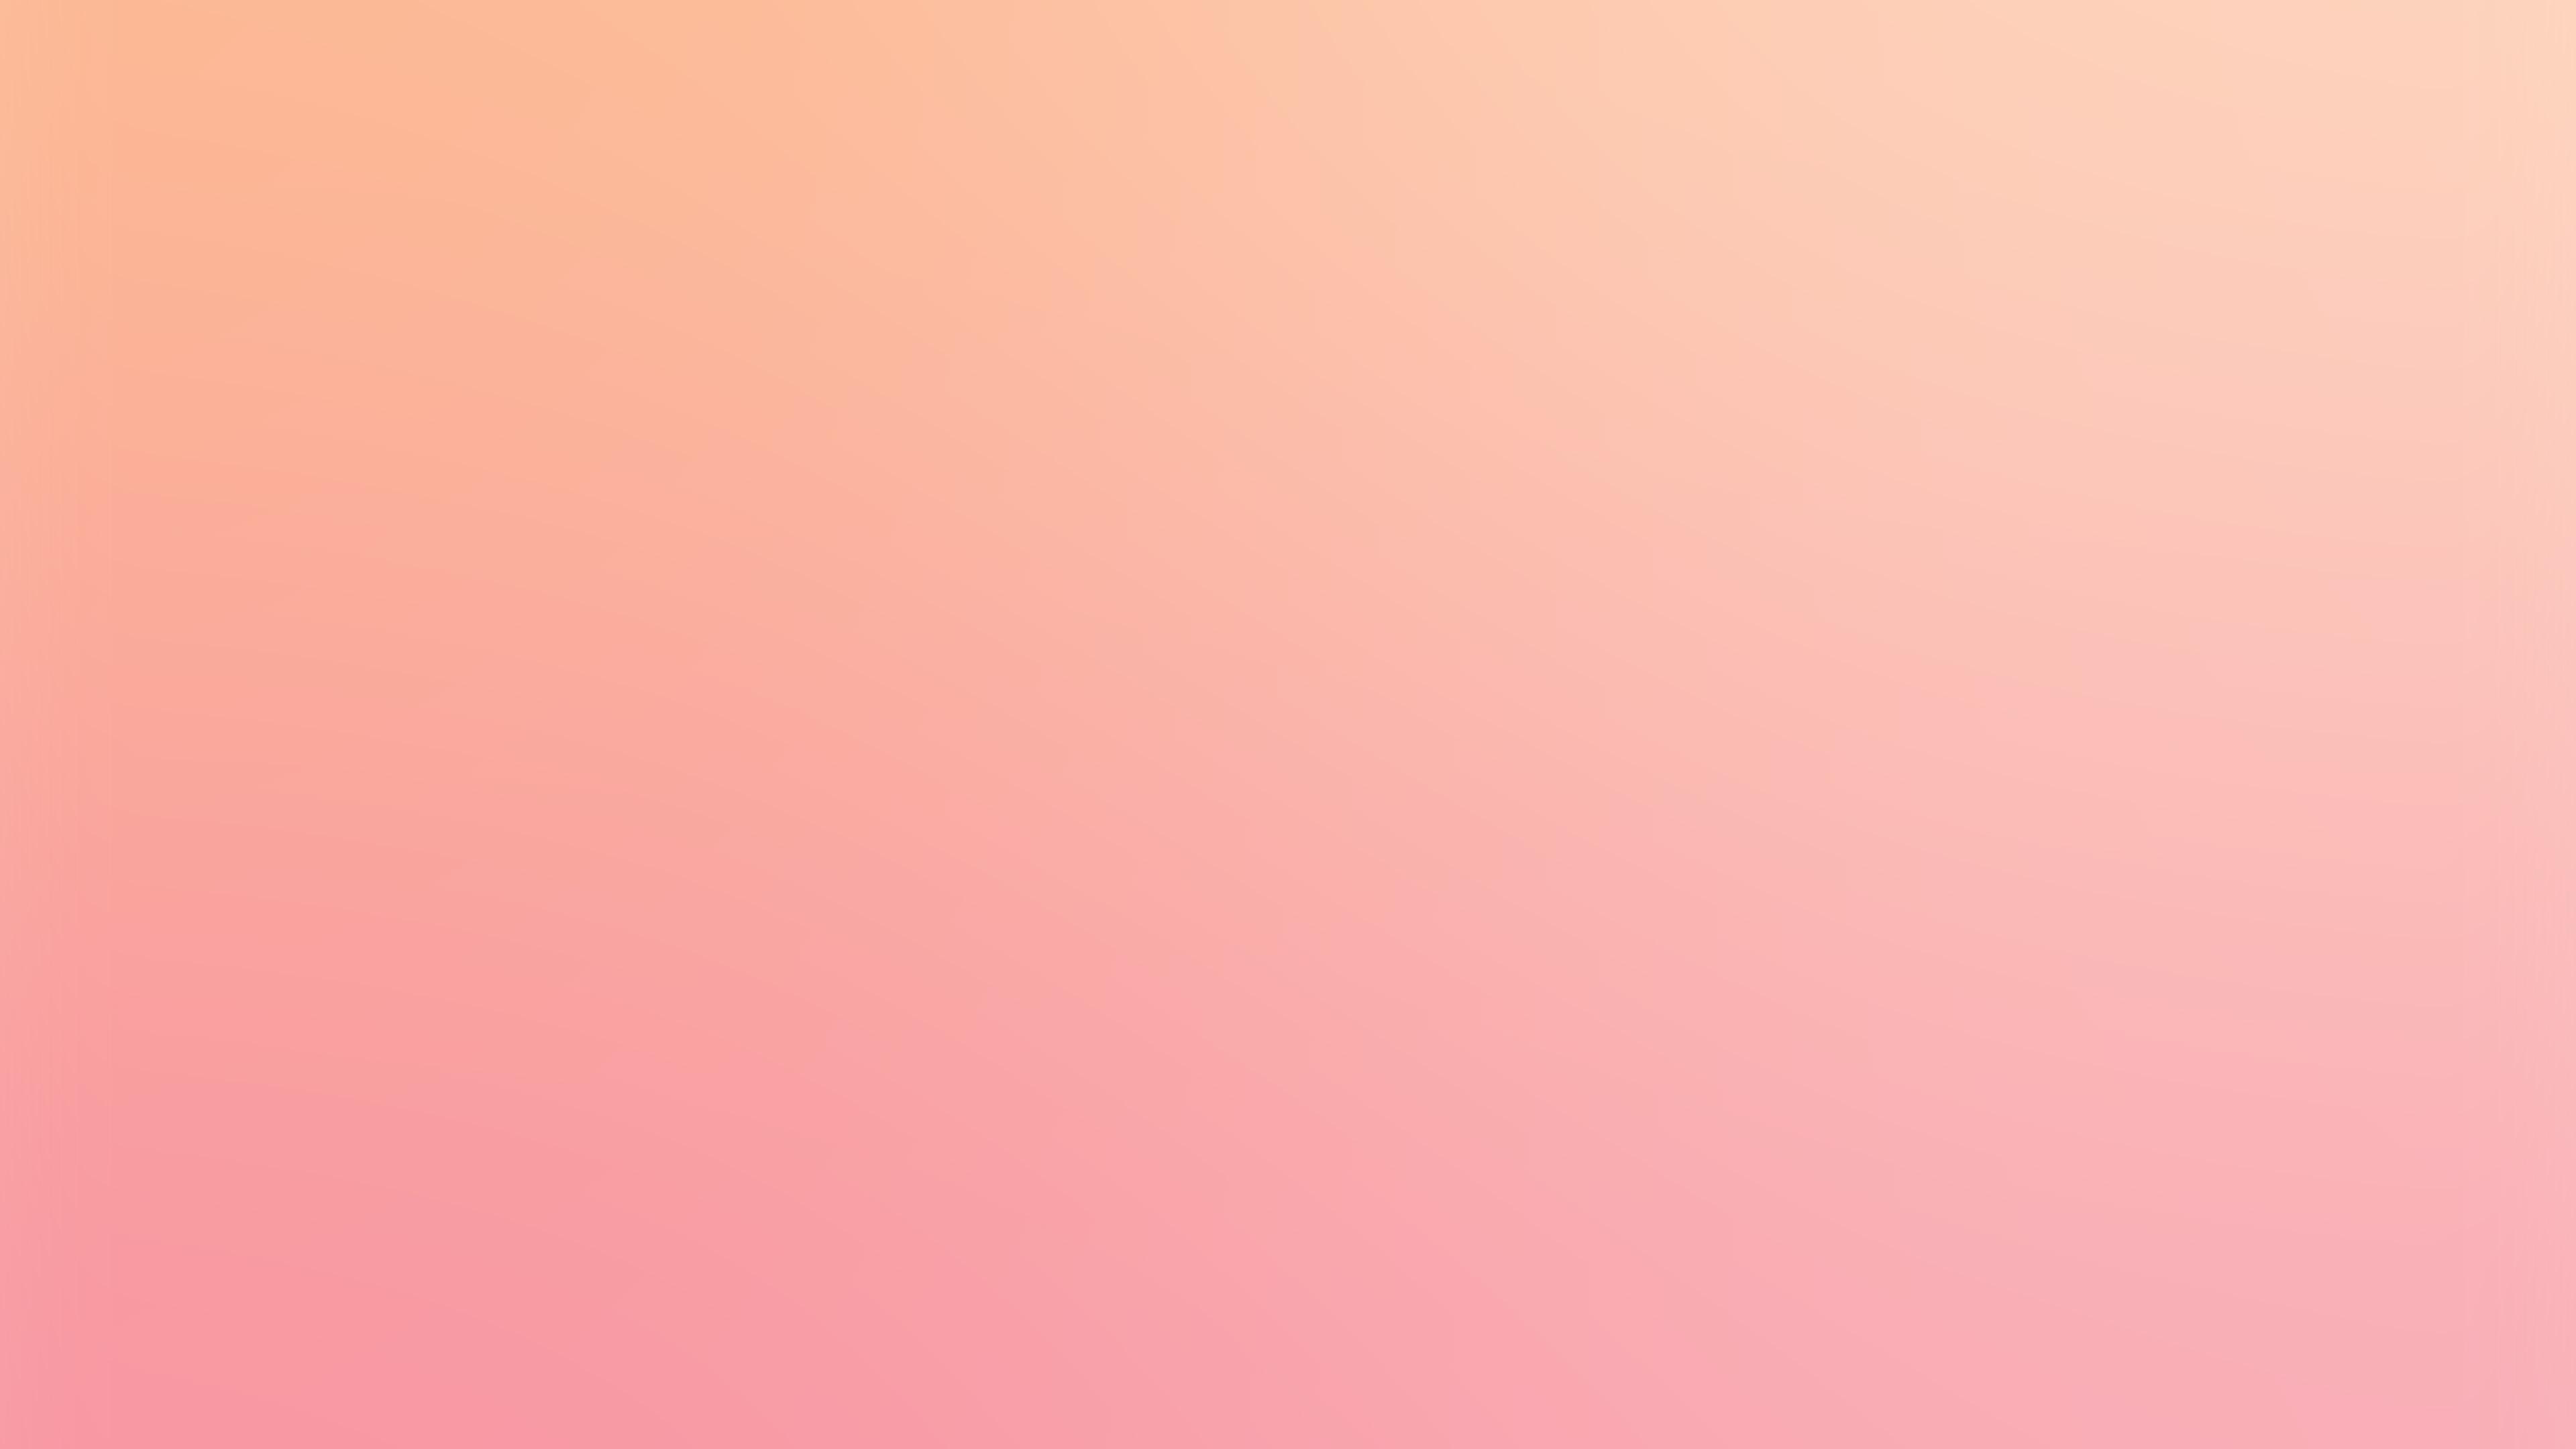 Wallpaper For Desktop Laptop Sm57 Shy Pastel Blur